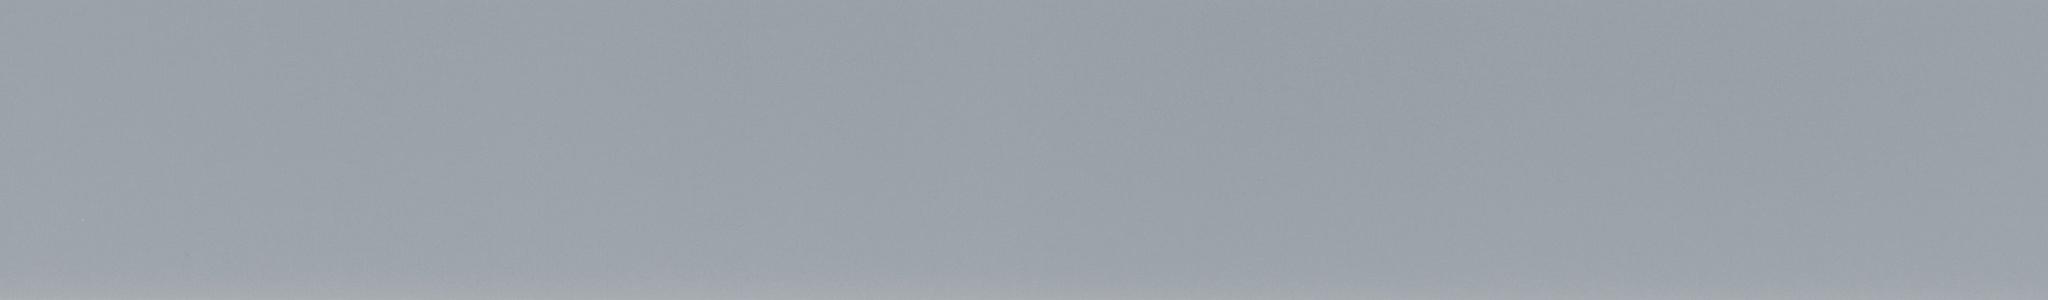 HU 17732 кромка ABS серая гладкая матовая